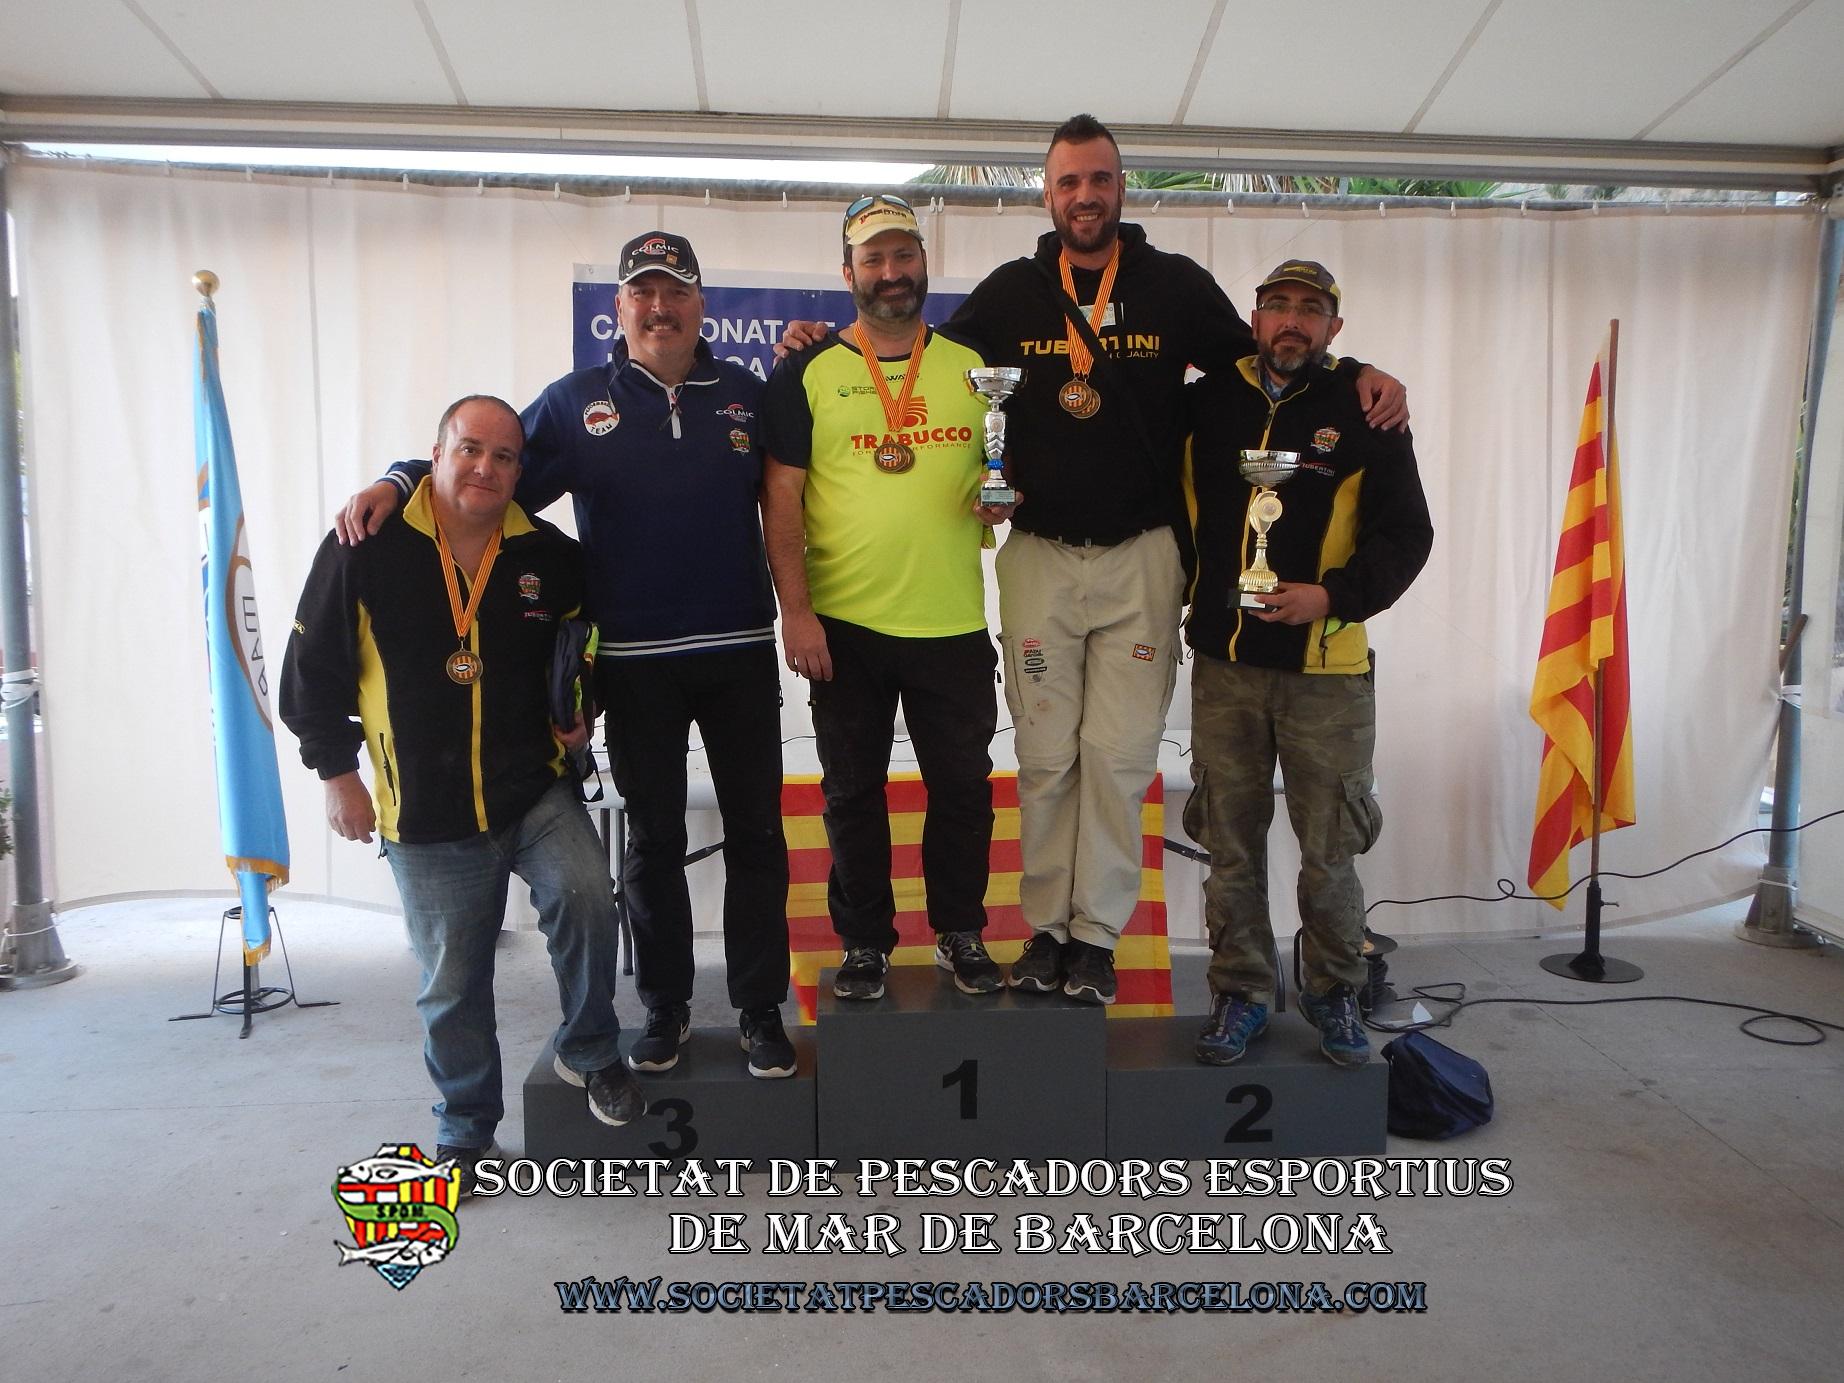 Campeonato de Catalunya d'e embarcación fondeada 2019 (Arenys de Mar 30-03-2019)Campionat de Catalunya d'embarcació fondejada 2019 (Arenys de Mar 30-03-2019)